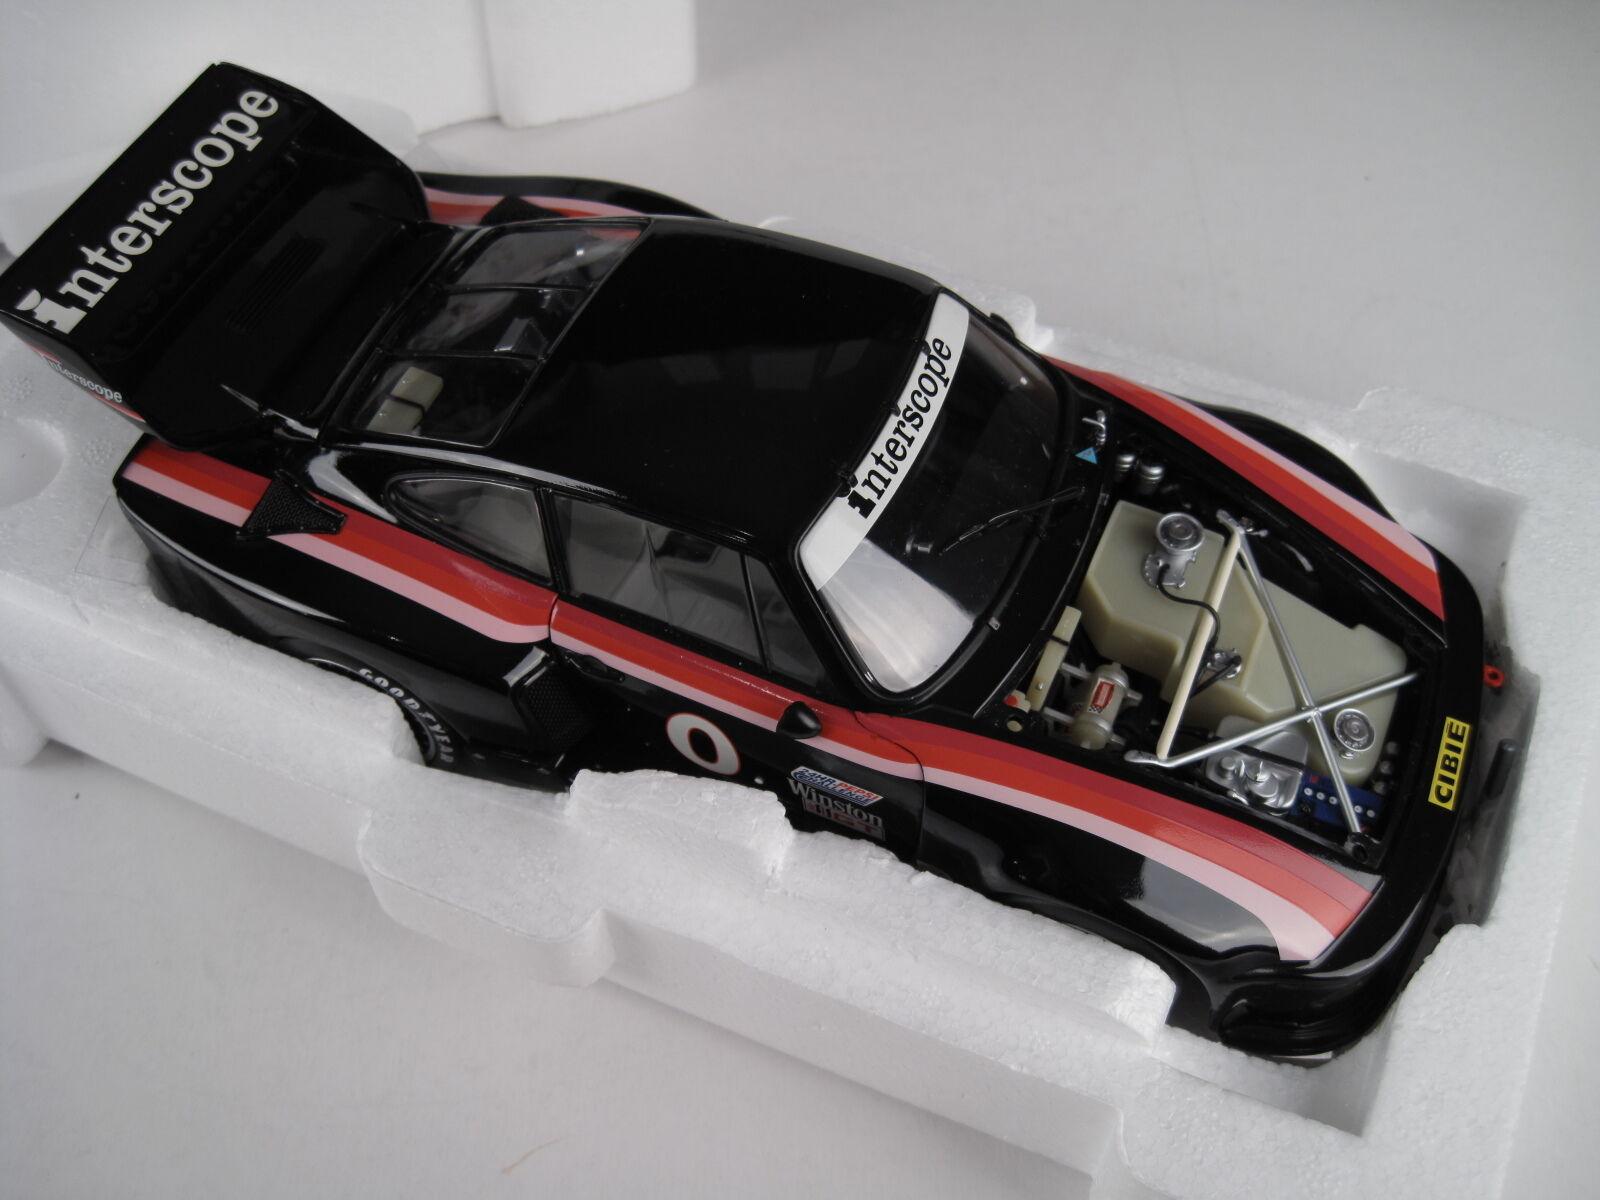 Exoto-Porsche 935 insterscope  0 - 24 horas Daytona Winner 1979 1 18 -  nuevo